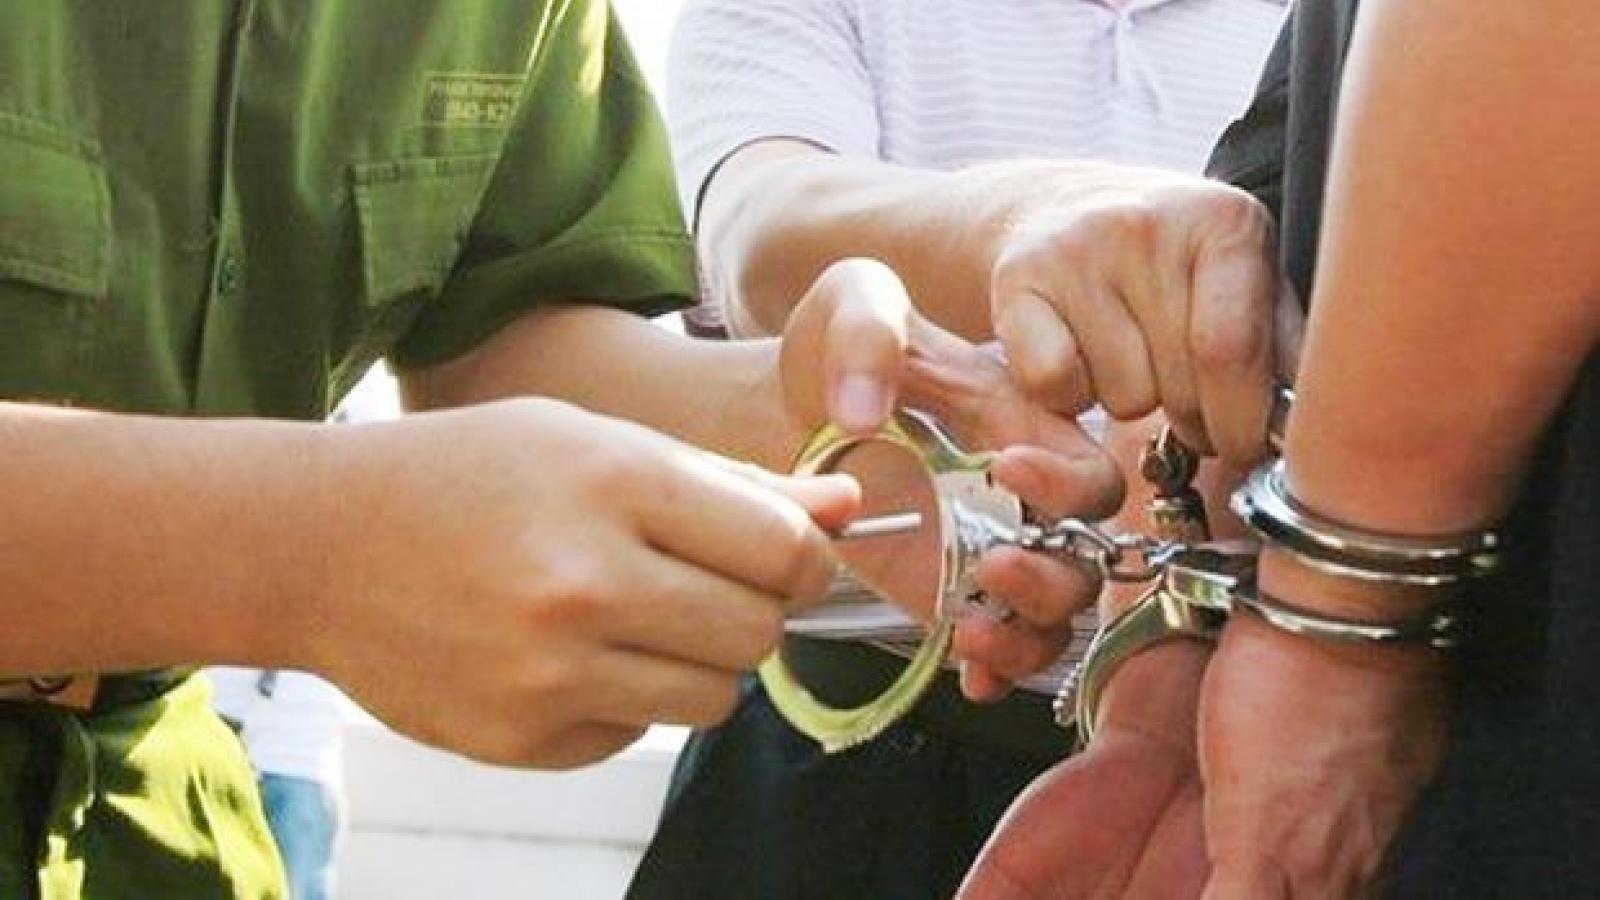 Một nhà báo bị khởi tố vì tội cướp tài sản sau phi vụ buôn bán khẩu trang